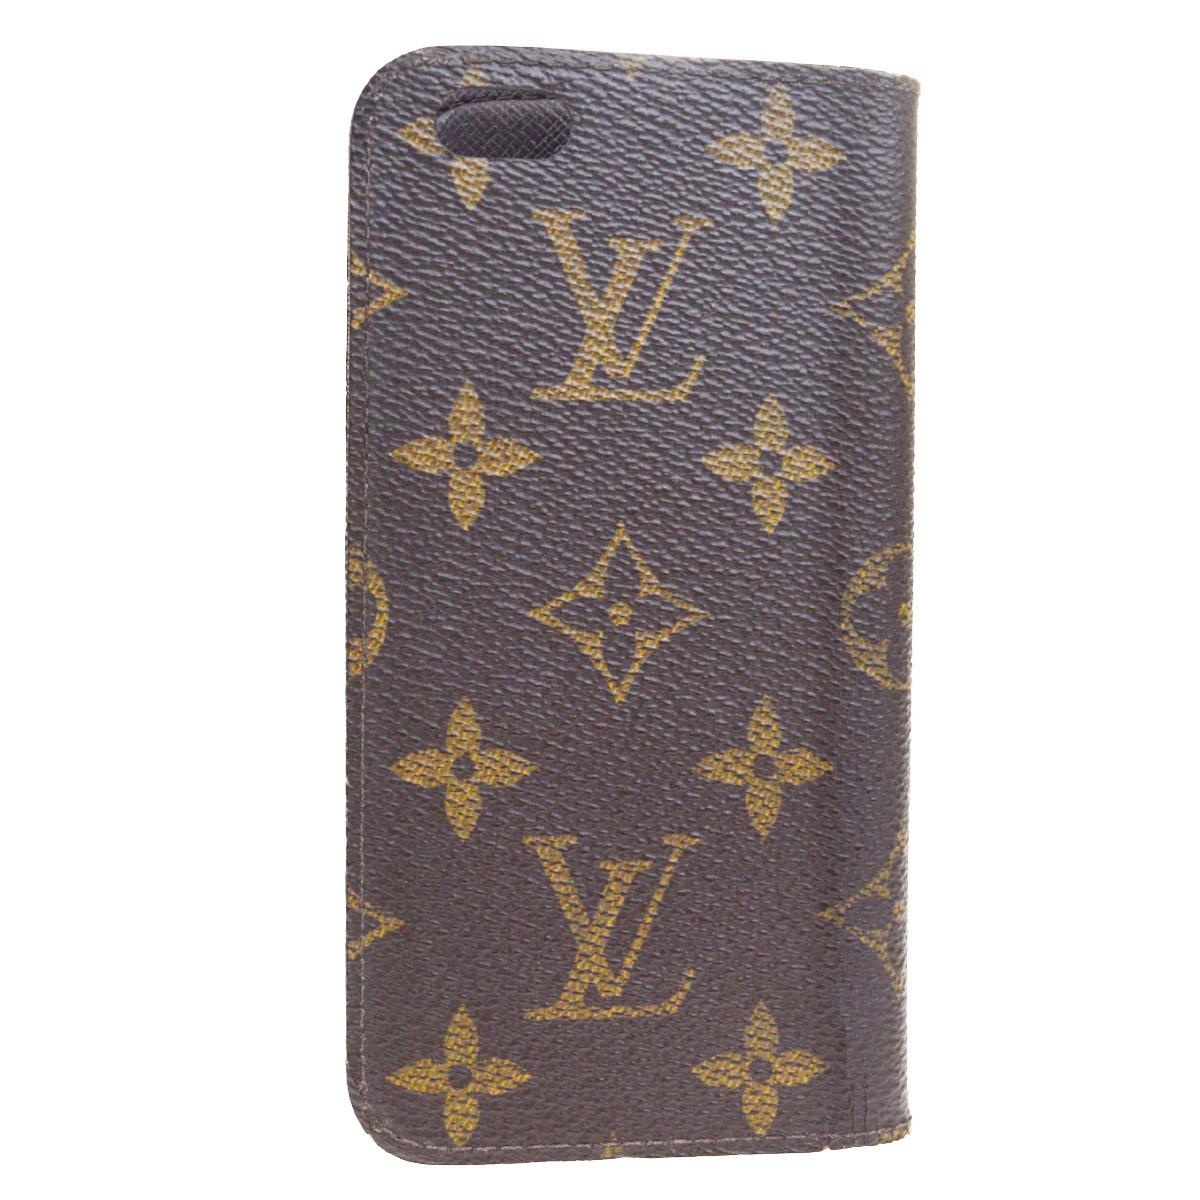 【中古】 ルイ・ヴィトン(Louis Vuitton) モノグラム レザー 手帳型/カード入れ付きケース iPhone 6 対応 ブラウン 01FA863